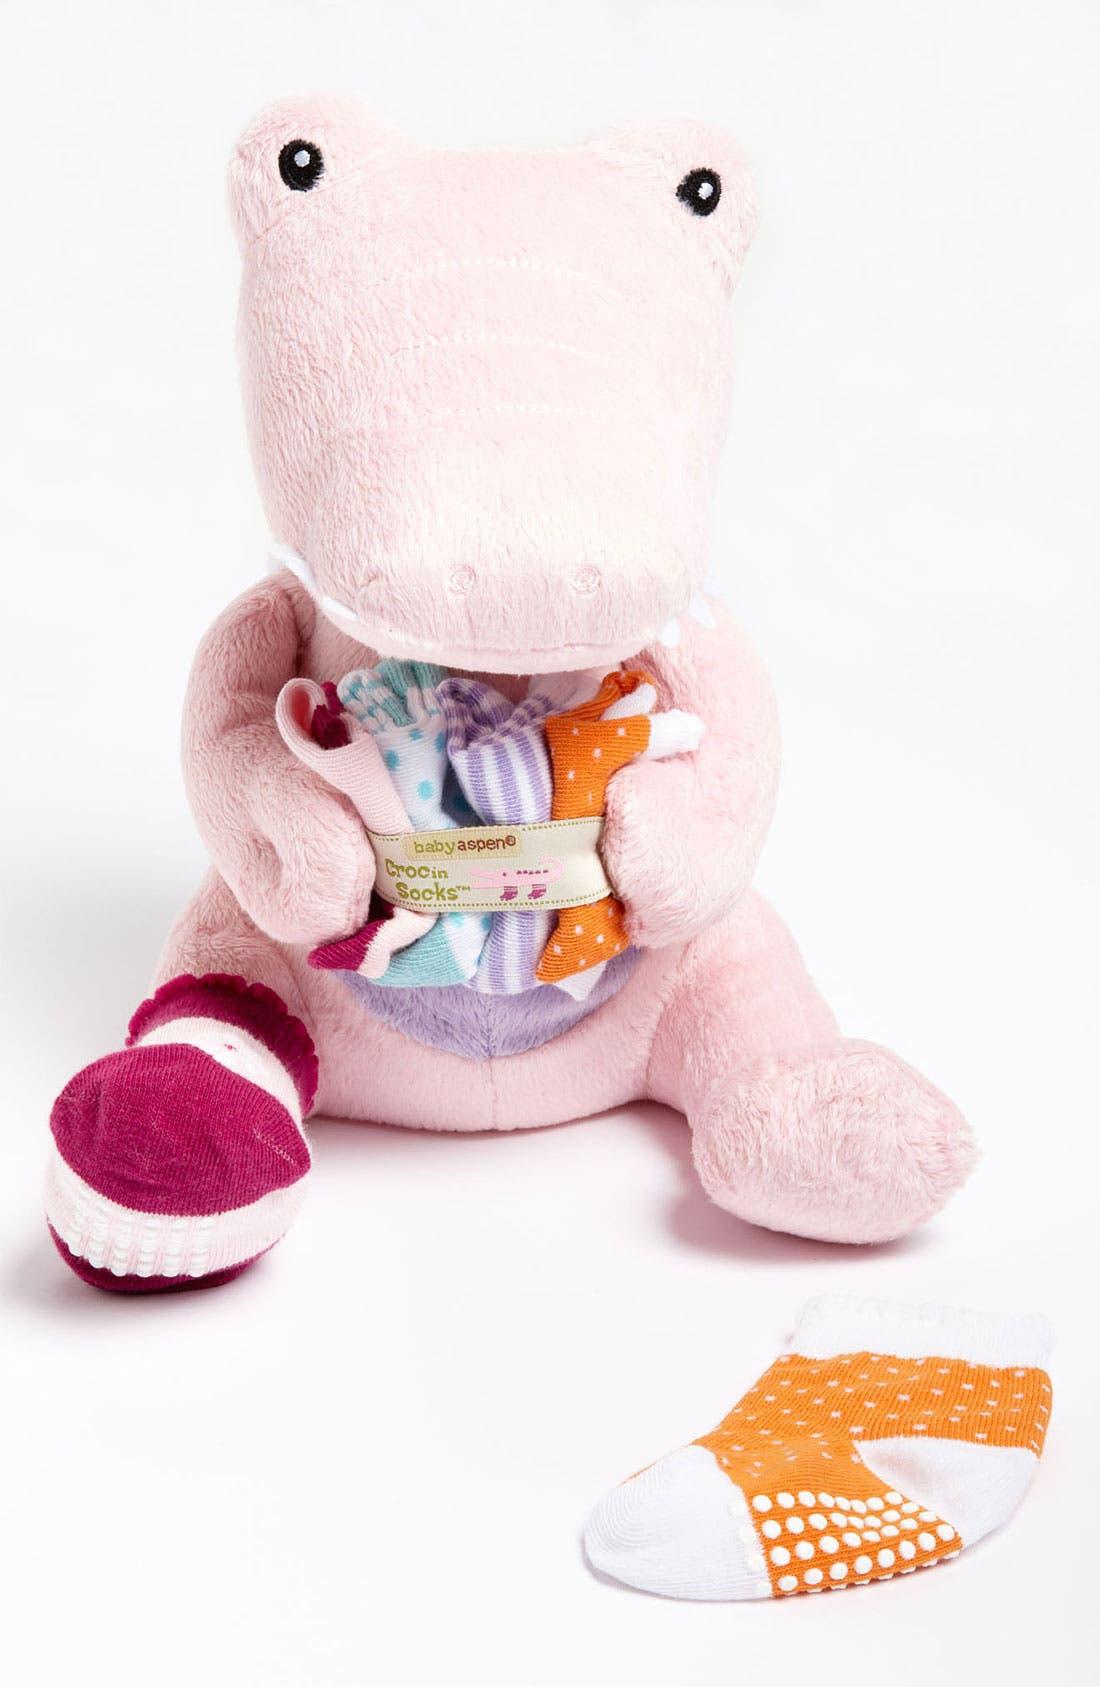 Main Image - Baby Aspen 'Croc & Socks' Stuffed Animal & Socks (4-Pack) (Infant)